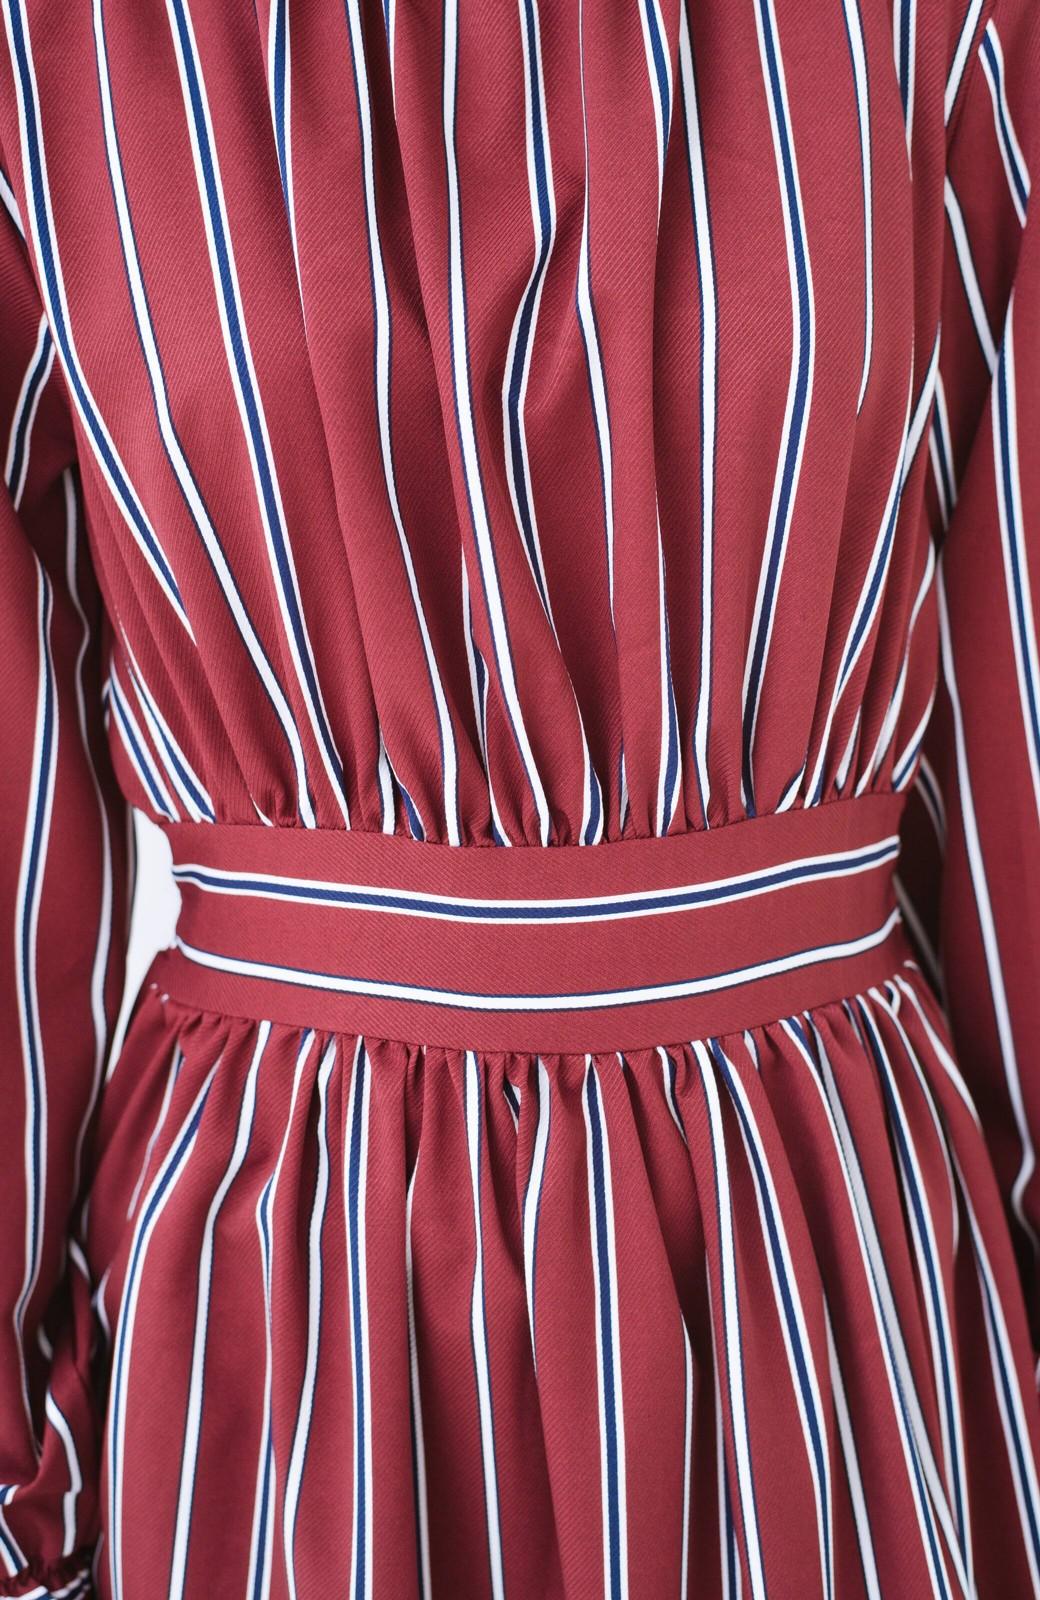 haco! 着るだけでテンション上げられる レジメンタルストライプのハイネックワンピース <ワインレッド>の商品写真6